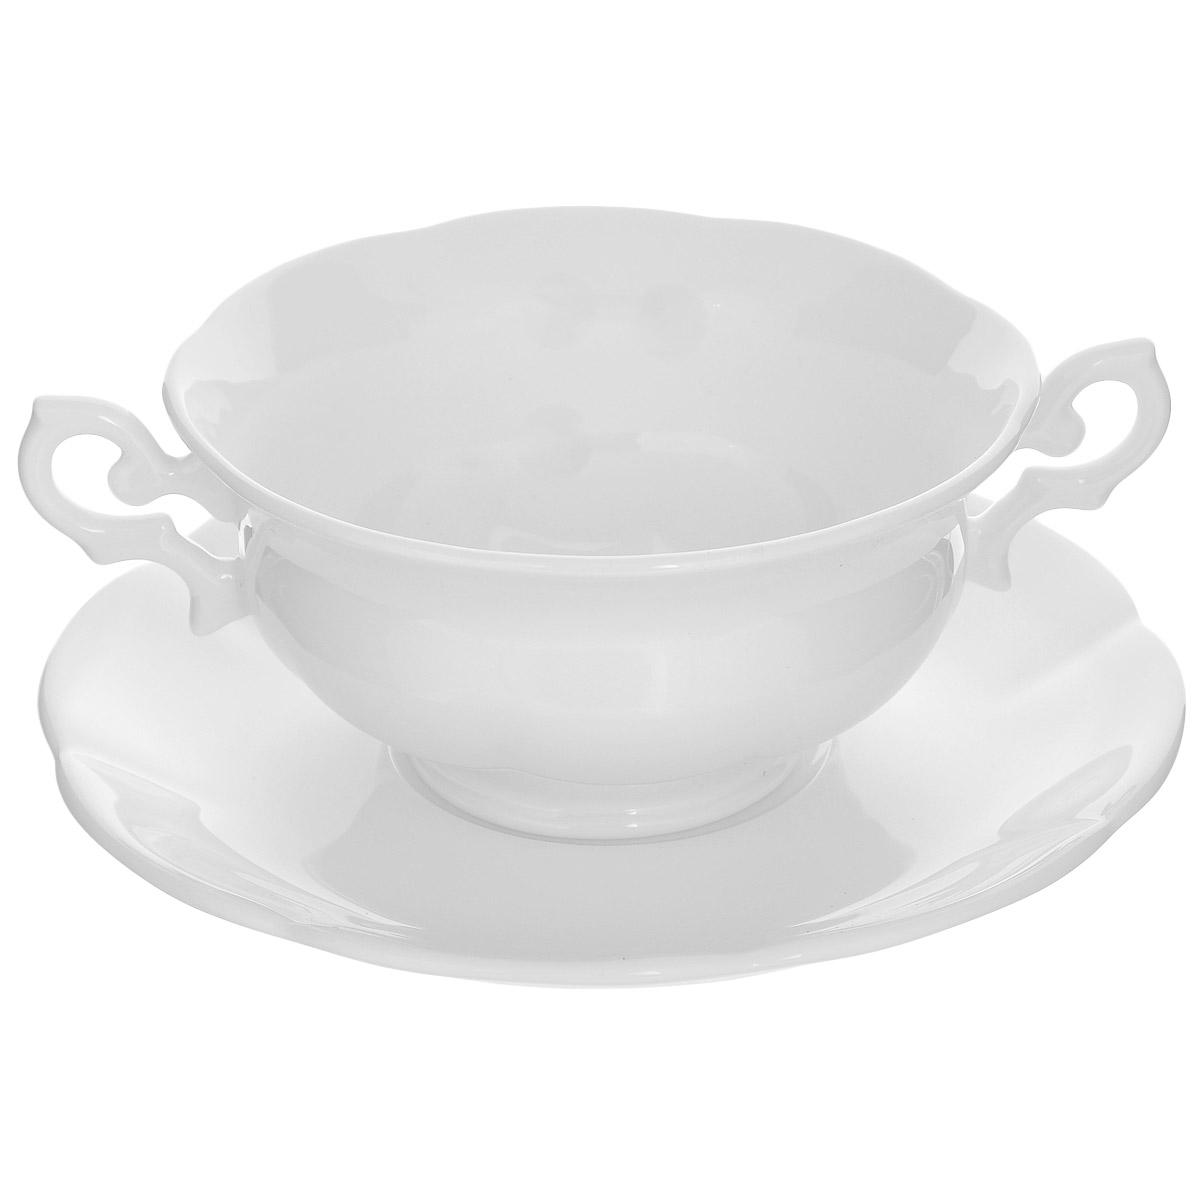 Бульонница на тарелке Royal Bone China White, 350 мл89ww/0330-33Бульонница на тарелке Royal Bone China White прекрасно подойдет для подачи супов и жидких блюд. Изделие выполнено из особого фарфора с 45% содержанием костяной муки. Основным достоинством изделий из костяного фарфора является прозрачность и абсолютно гладкая глазуровка. В итоге получаются изделия, сочетающие изысканный вид с прочностью и долговечностью. Изделия Royal Bone China по праву считаются элитными. Данная торговая марка хорошо известна в Европе и Азии, а теперь и жители нашей страны смогут приобрести потрясающие сервизы. Royal Porcelain Public Company Ltd (Таиланд) - ультрасовременное предприятие, оснащенное немецким оборудованием, ежегодно выпускает более 33 миллионов изделий, которые поставляются более чем в 50 стран. Среди клиентов компании - сети отелей Marriott, Hyatt, Sheraton, Hilton. Компания предлагает разнообразный ассортимент с постоянным обновлением коллекций. Объем бульонницы: 350 мл. Диаметр бульонницы (по верхнему краю): 12 см. Высота стенки бульонницы: 6 см. Диаметр тарелки: 16 см.